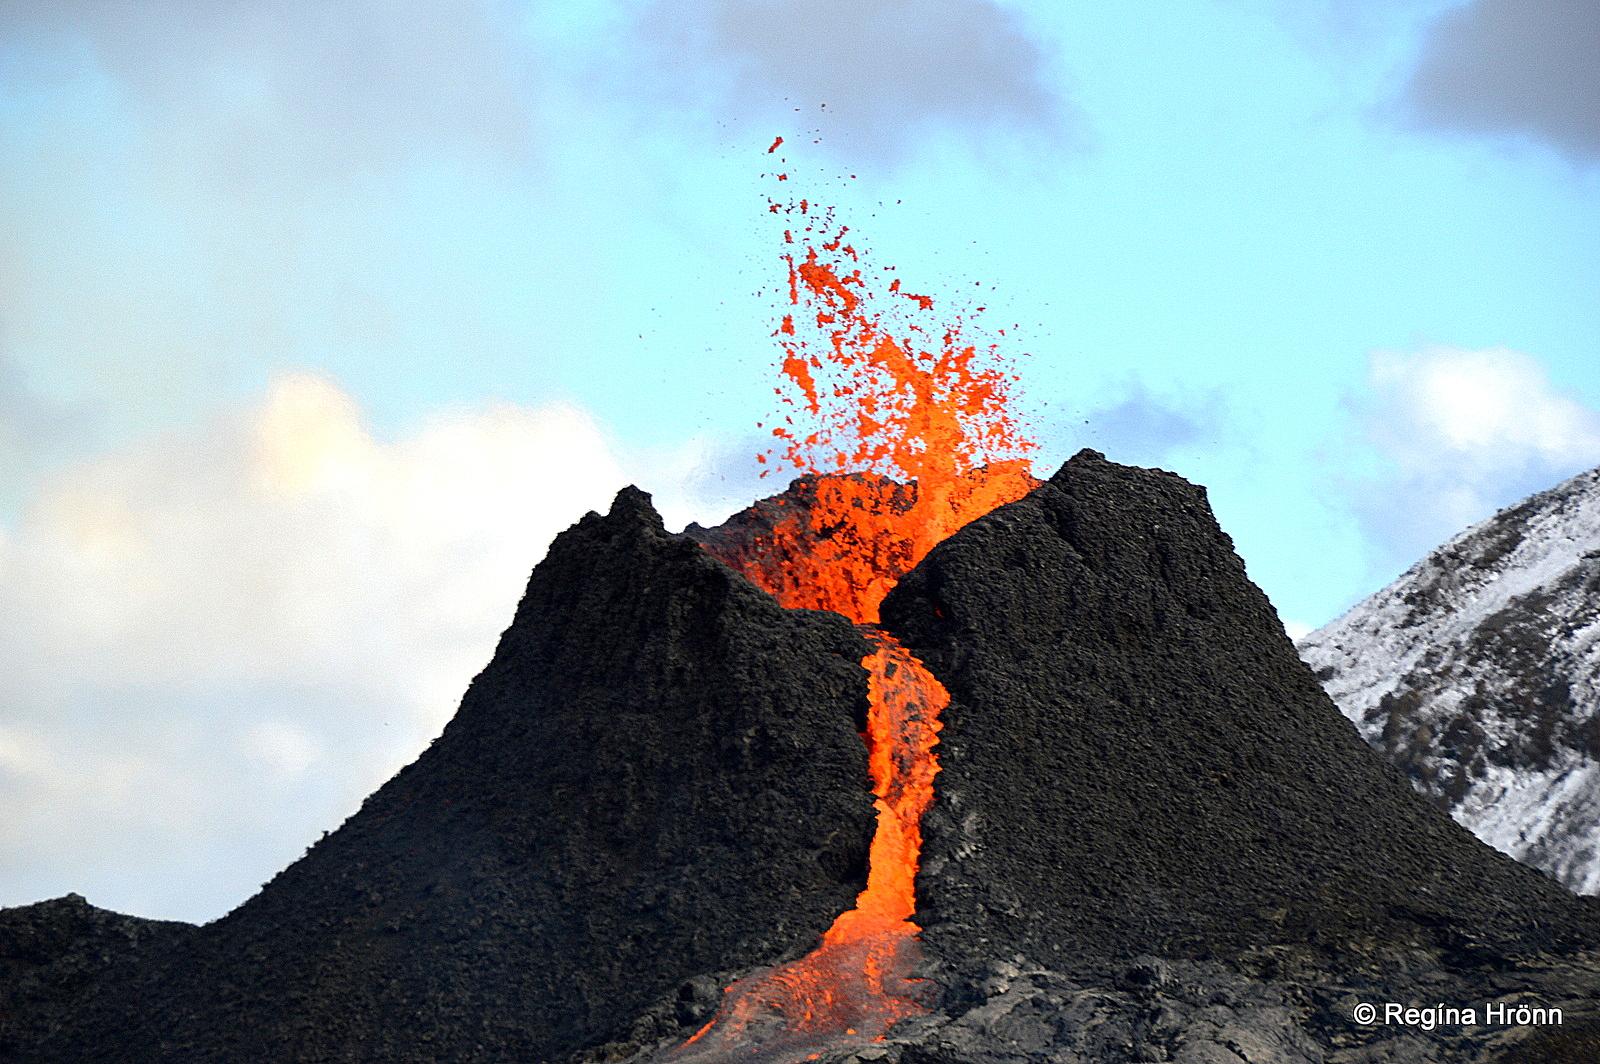 The Volcanic Eruption in Geldingadalir Valley on Reykjanesskagi in SW-Iceland